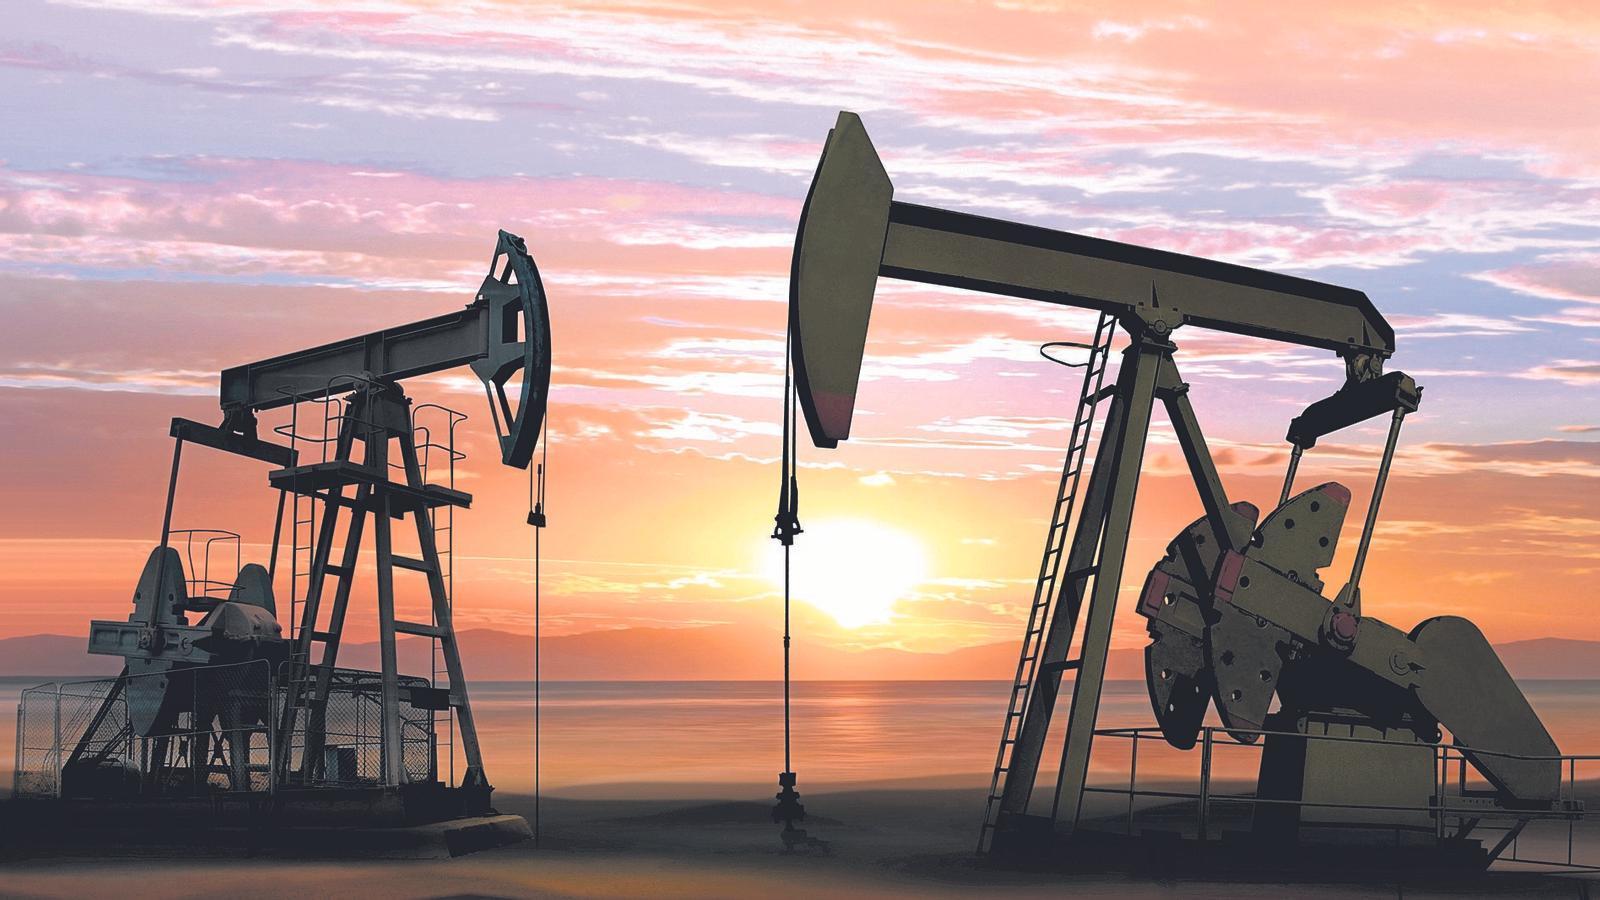 La major pujada diària en 30 anys del petroli se suma a l'alentiment de l'economia